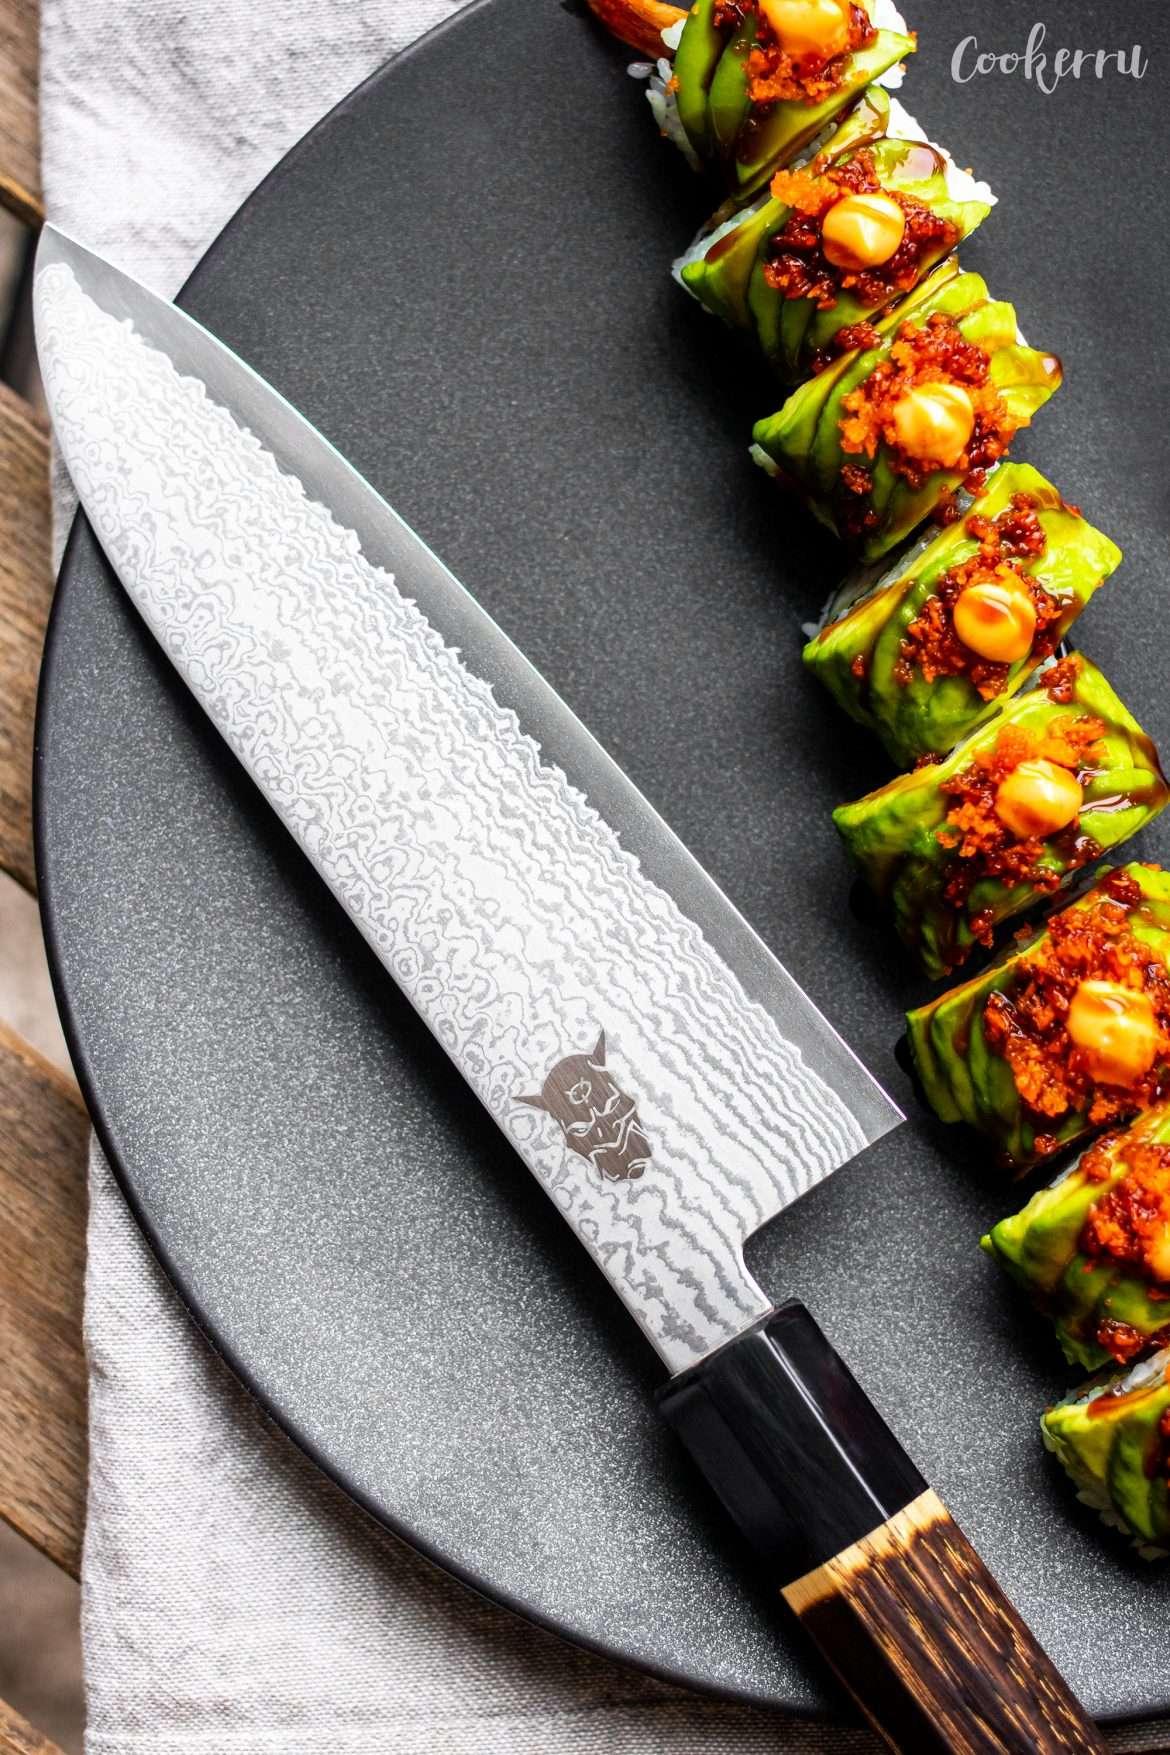 YASHA Santoku Knife with Green Dragon Roll